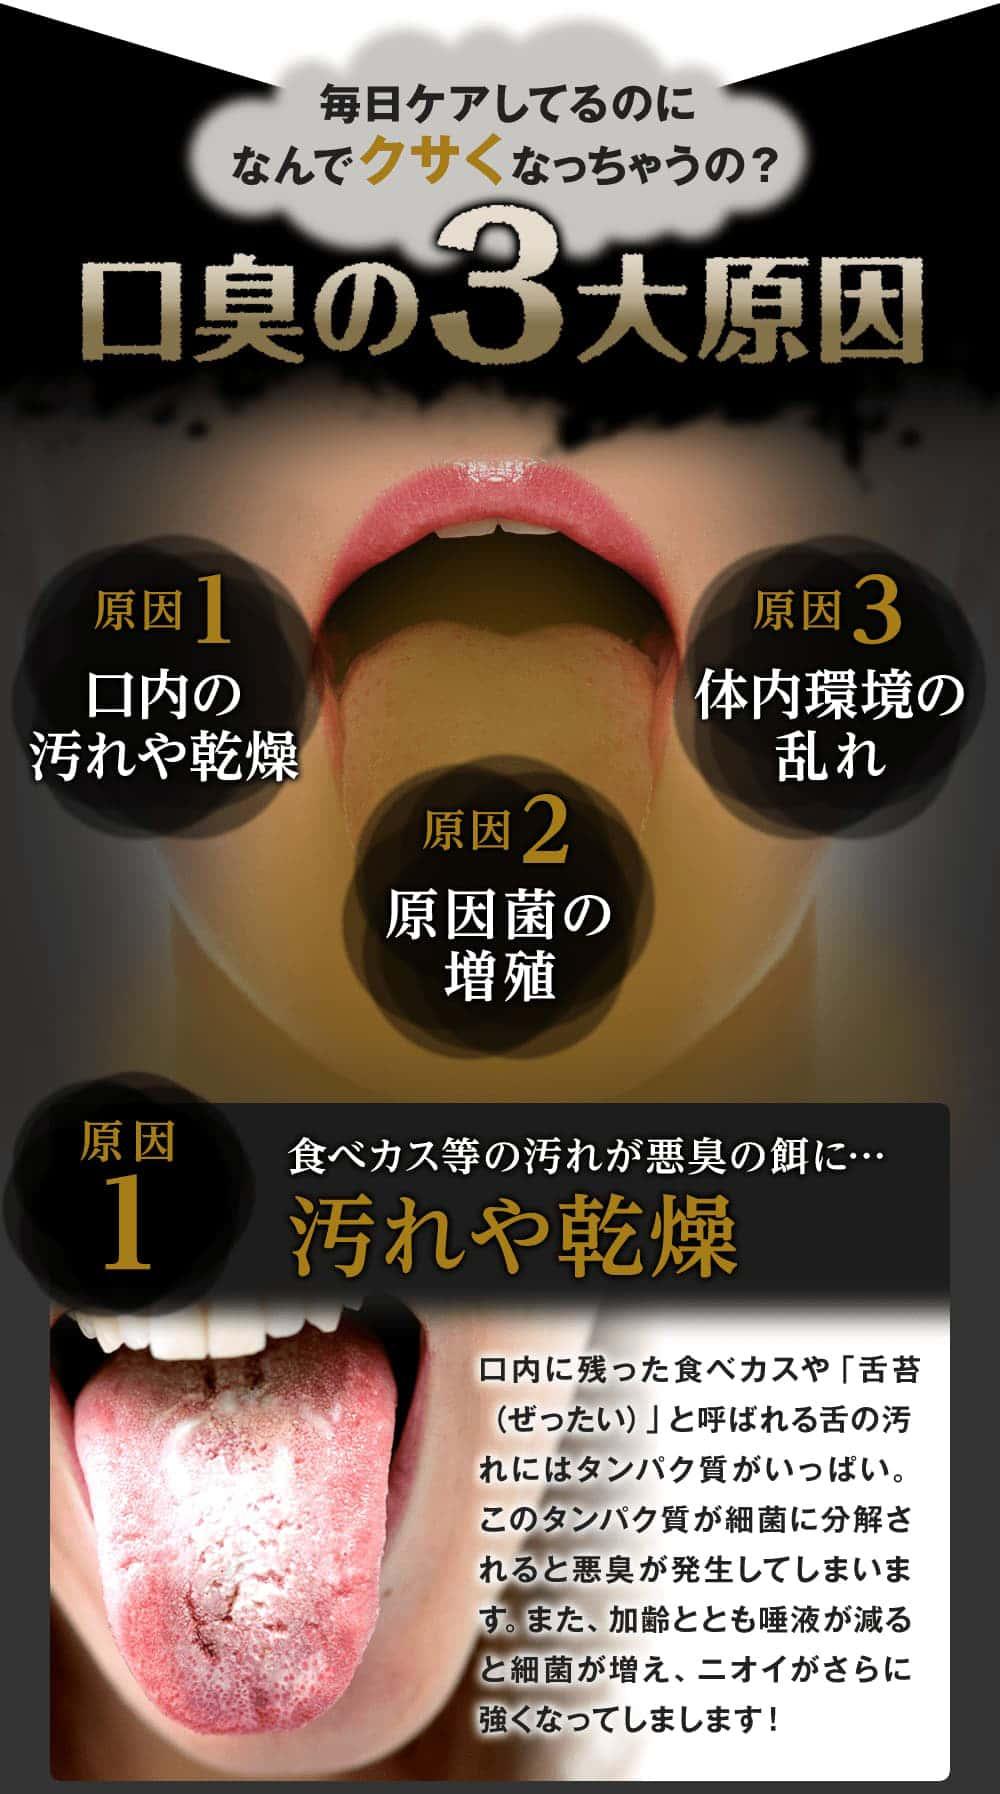 口臭の最大原因は「口内の汚れや乾燥」「原因菌の増殖」「体内環境の乱れ」にあります。食べカスが汚れが舌苔に溜まって細菌に分解されると悪臭が発生するのです!